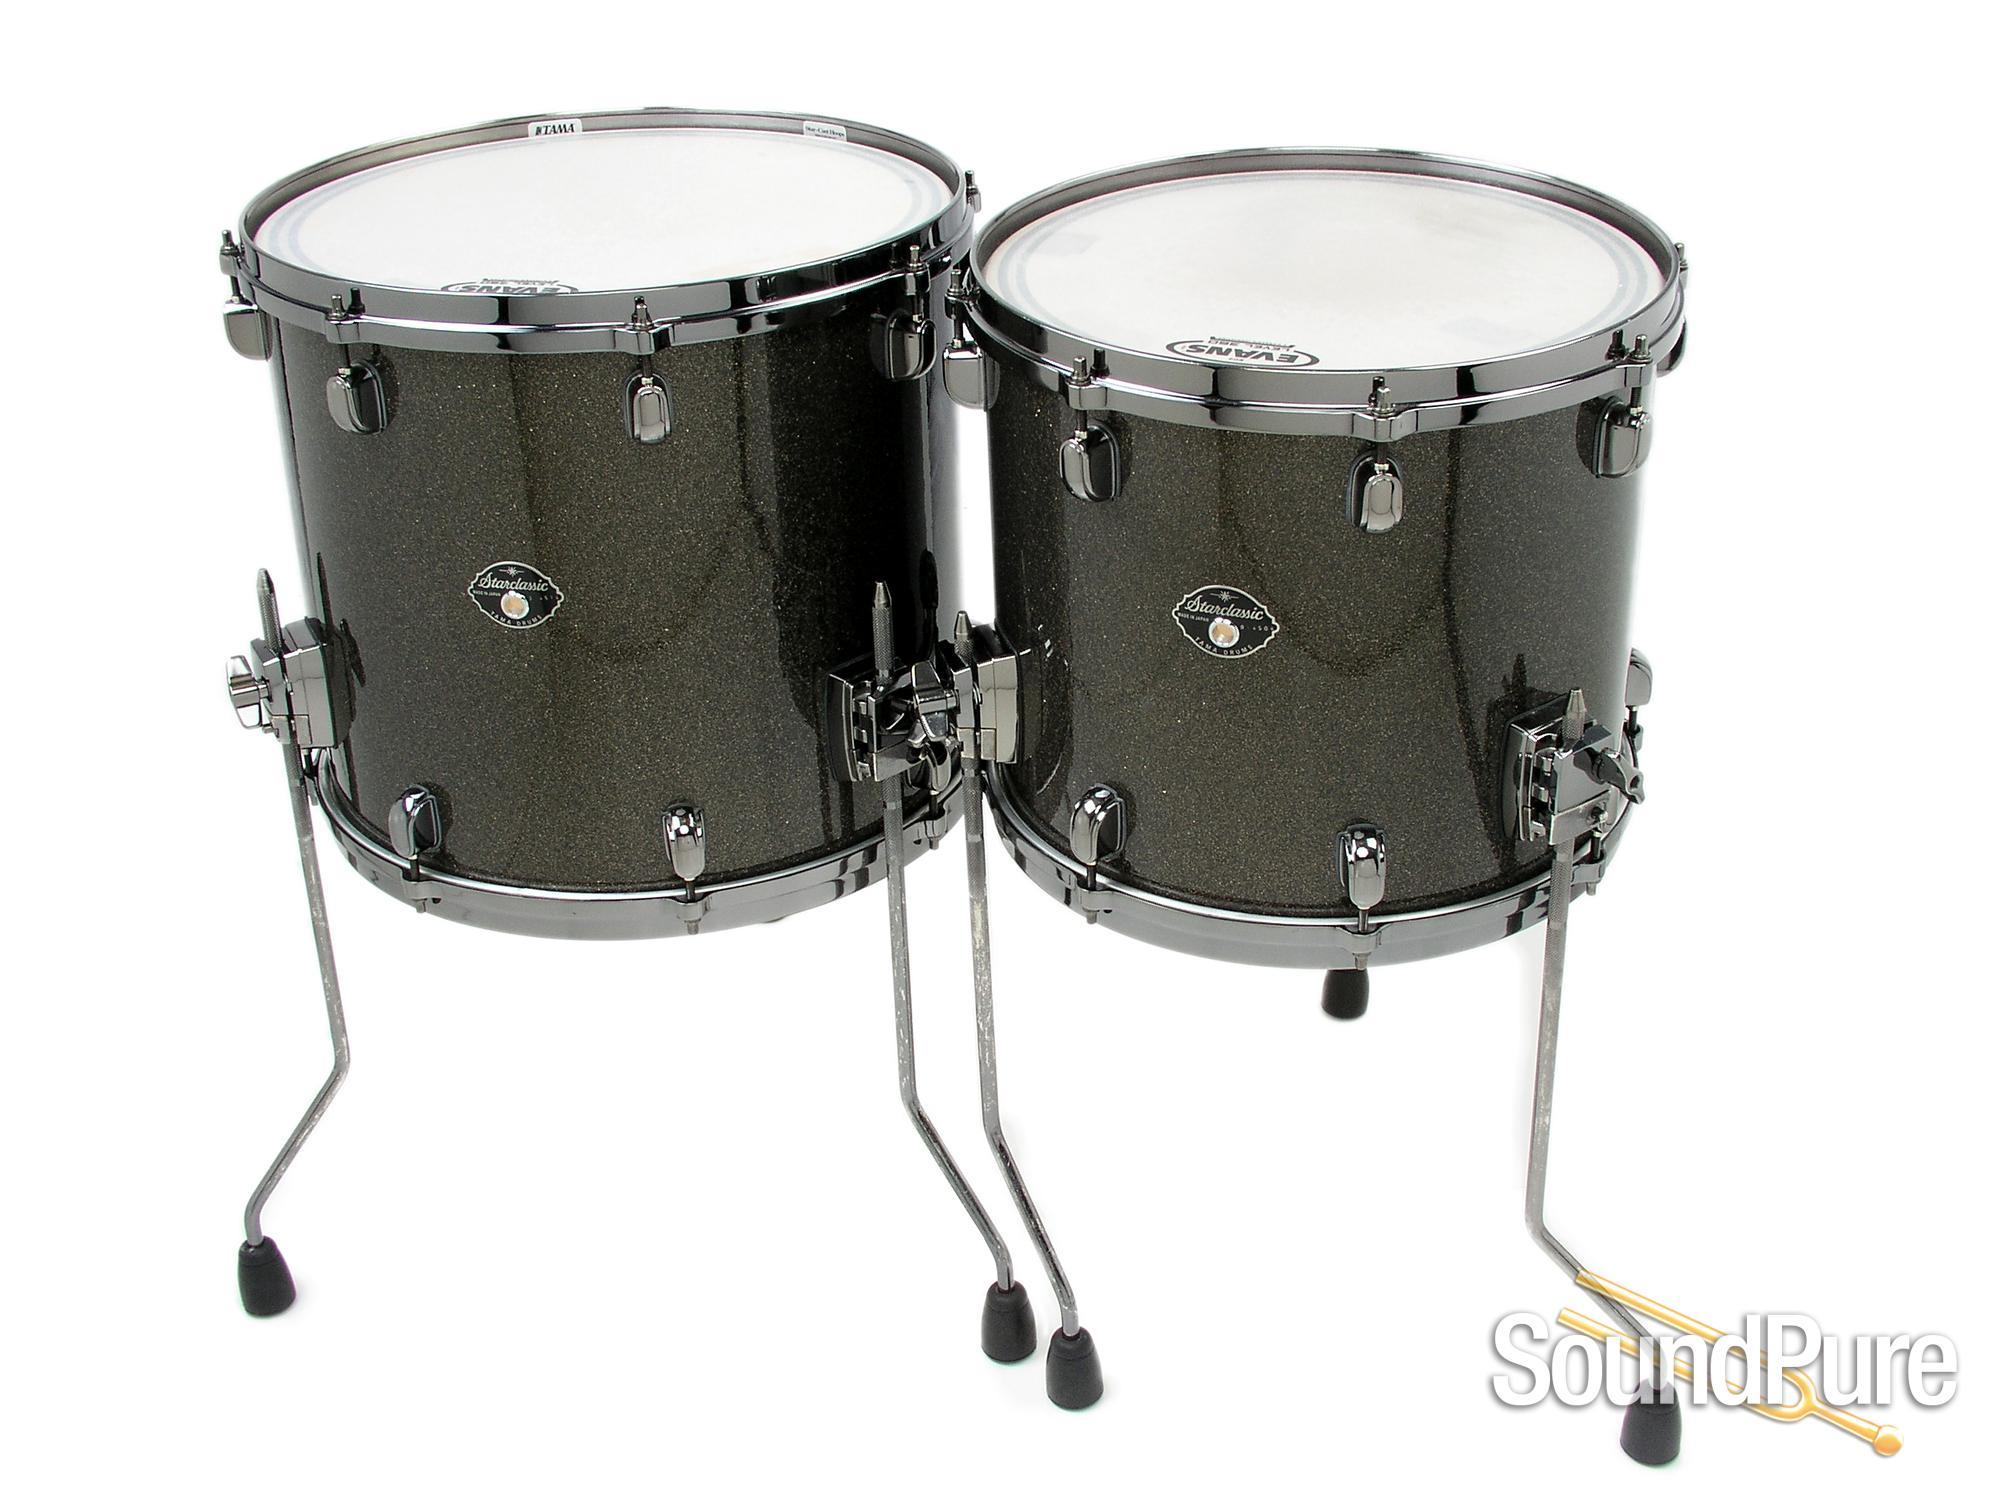 black tama drum set - photo #29